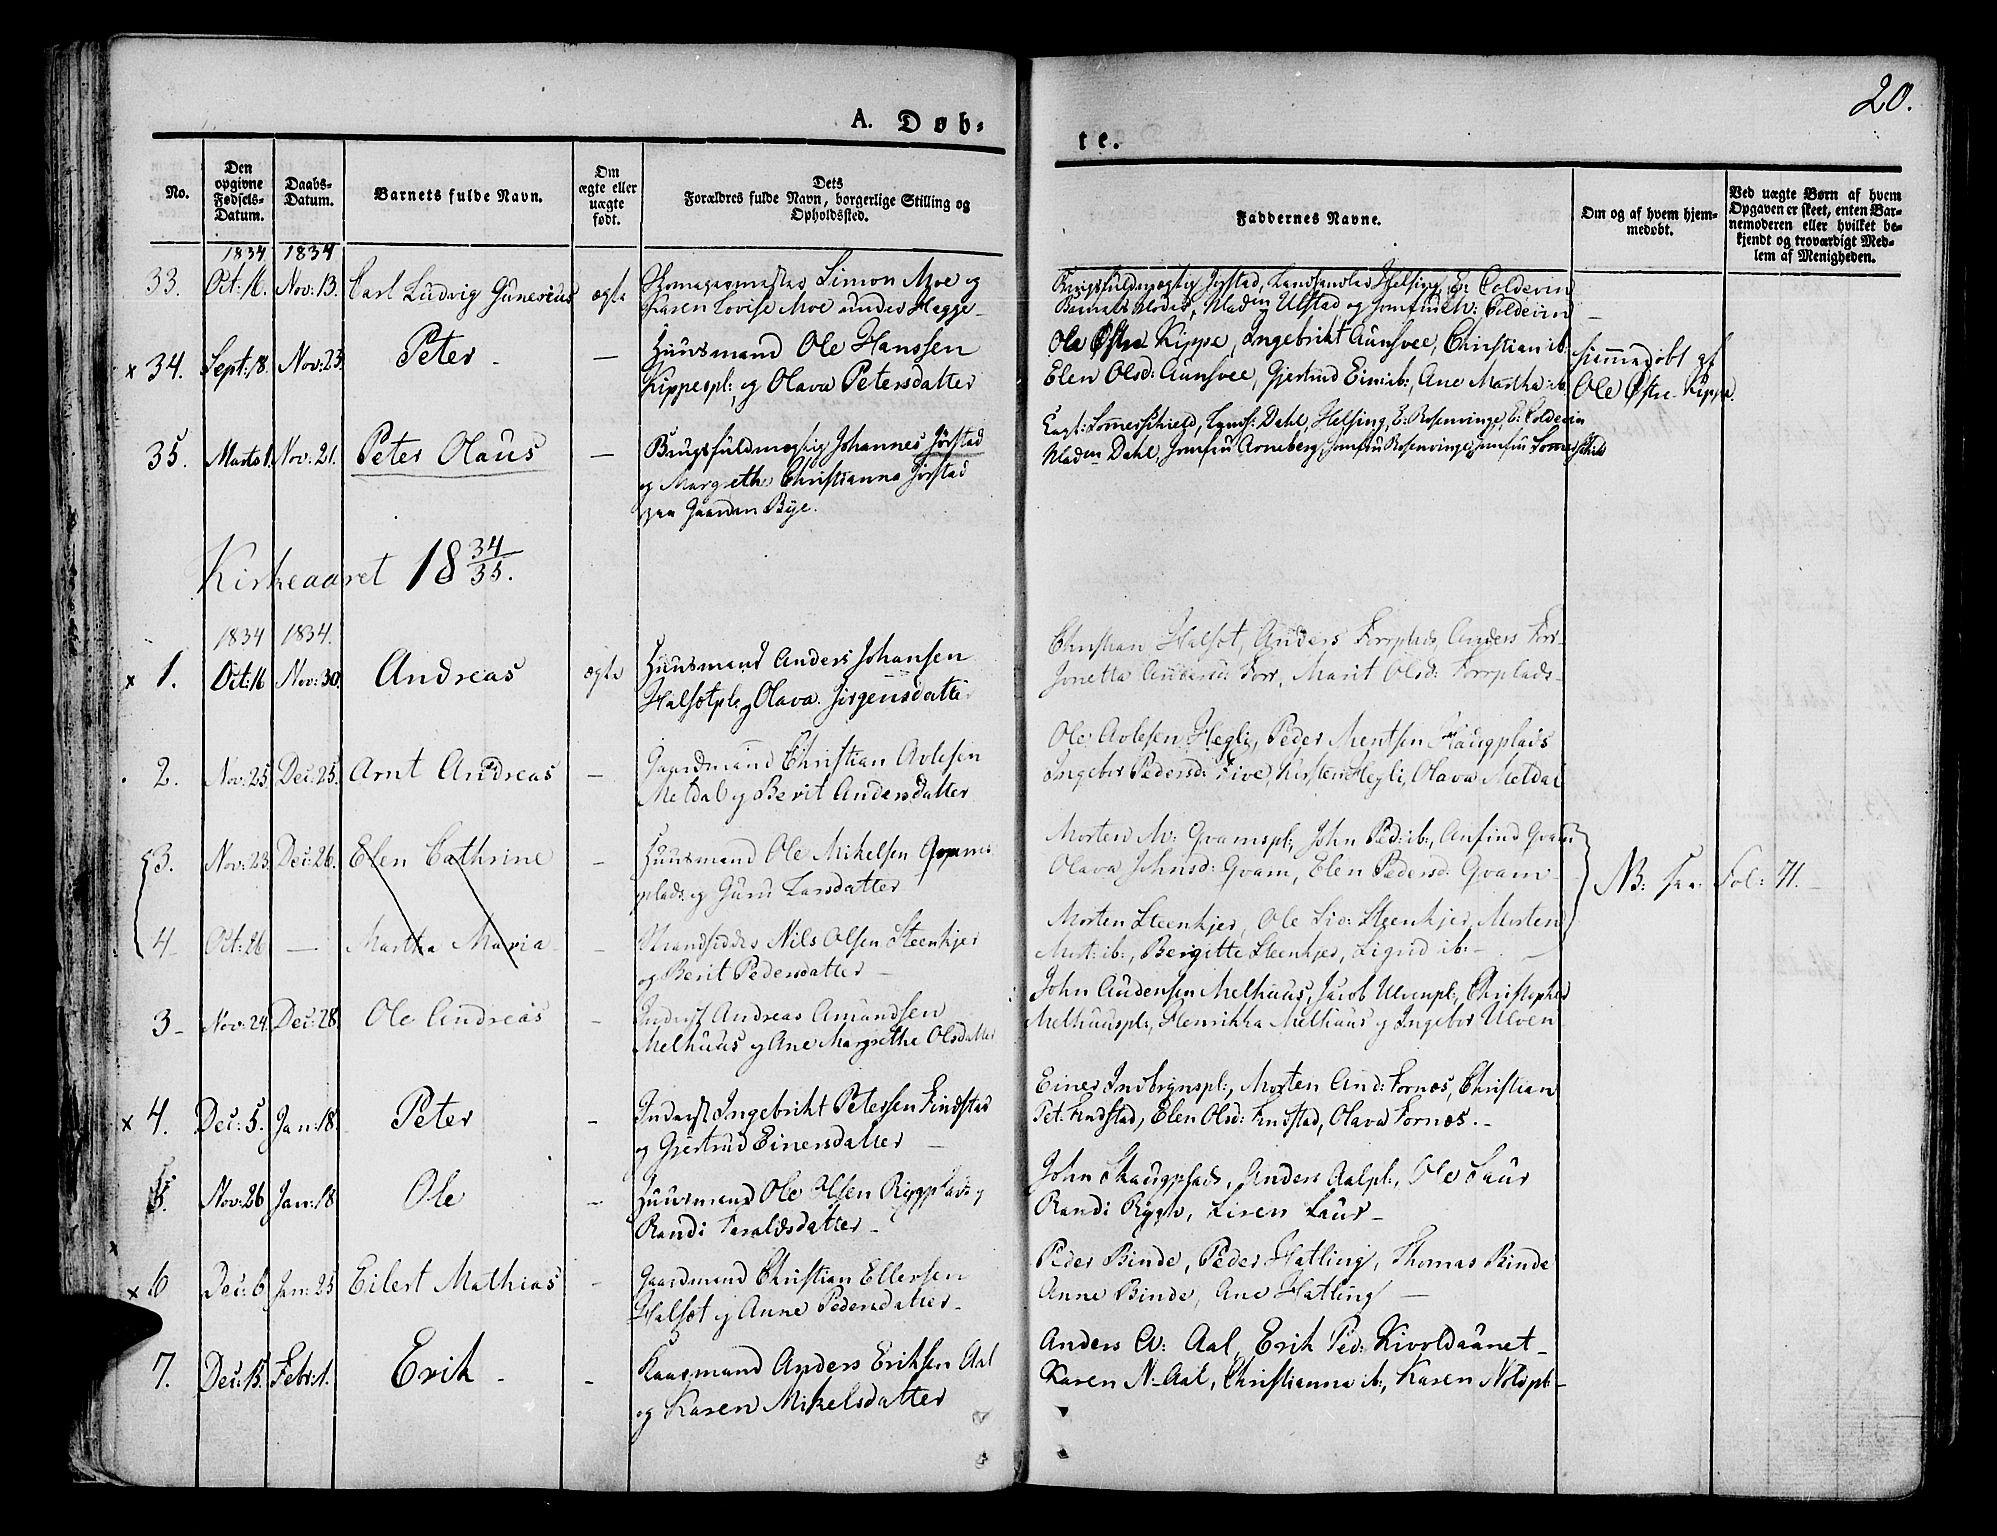 SAT, Ministerialprotokoller, klokkerbøker og fødselsregistre - Nord-Trøndelag, 746/L0445: Ministerialbok nr. 746A04, 1826-1846, s. 20